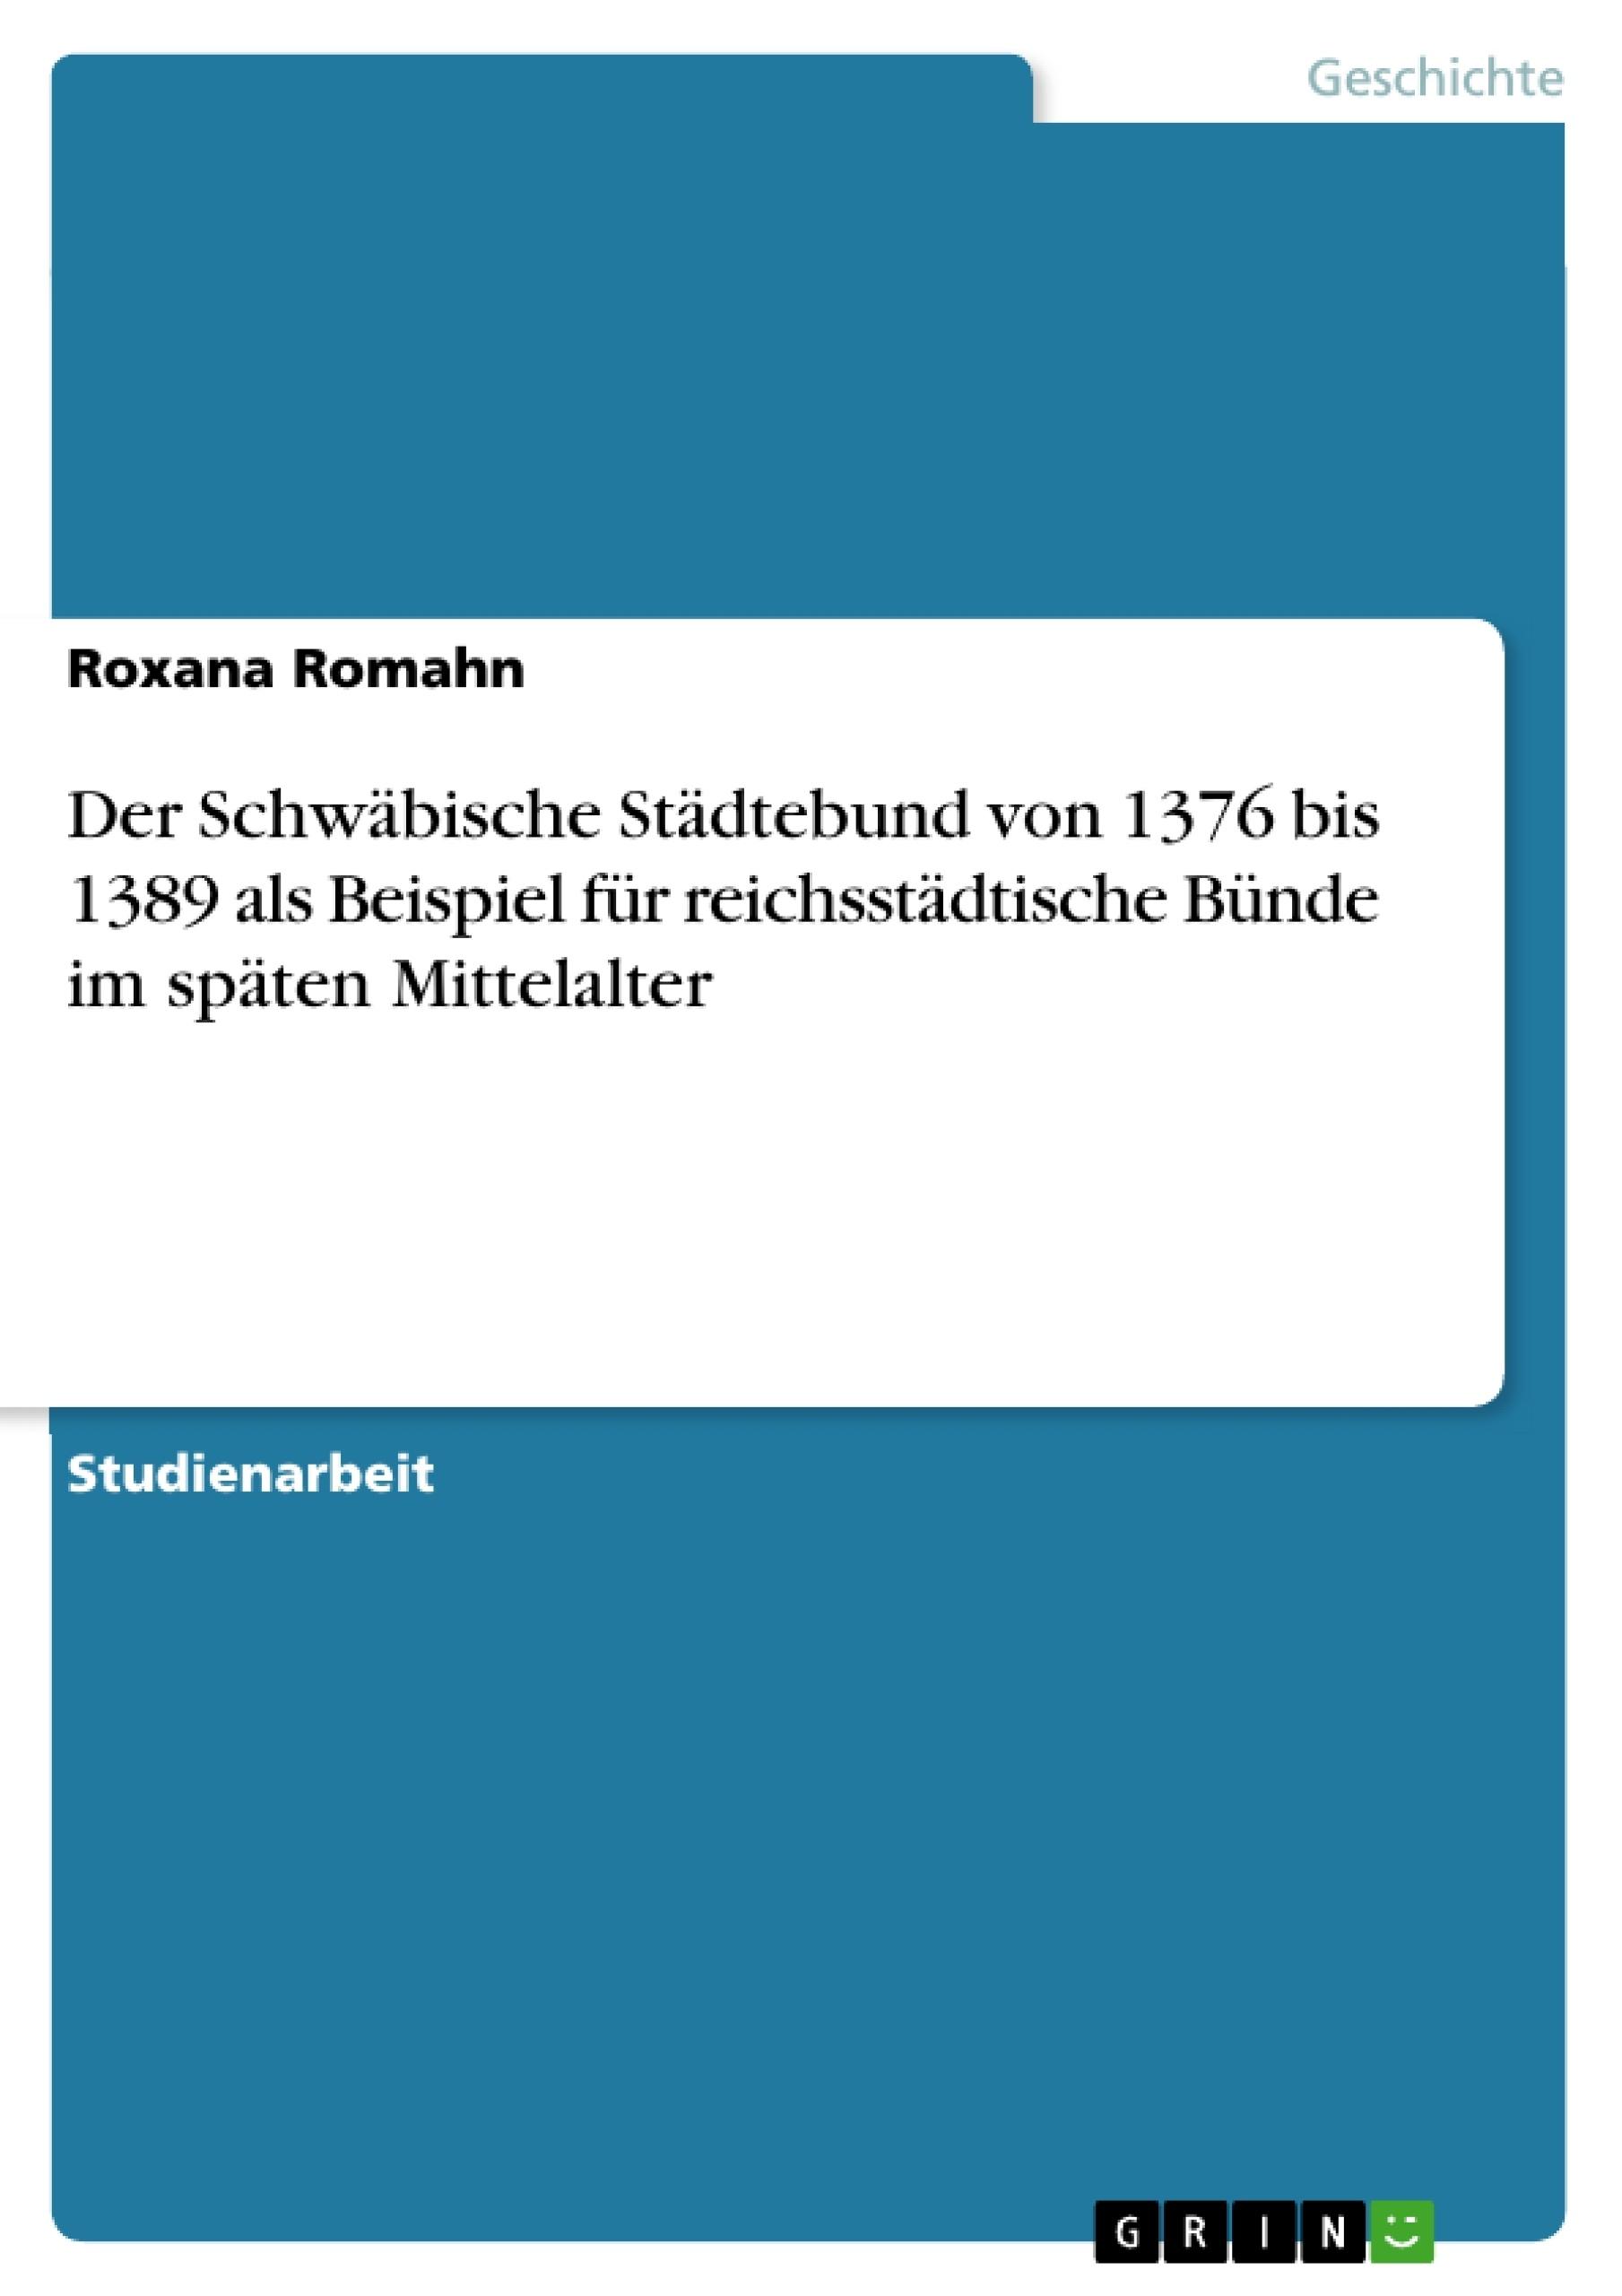 Titel: Der Schwäbische Städtebund von 1376 bis 1389 als Beispiel für reichsstädtische Bünde im späten Mittelalter